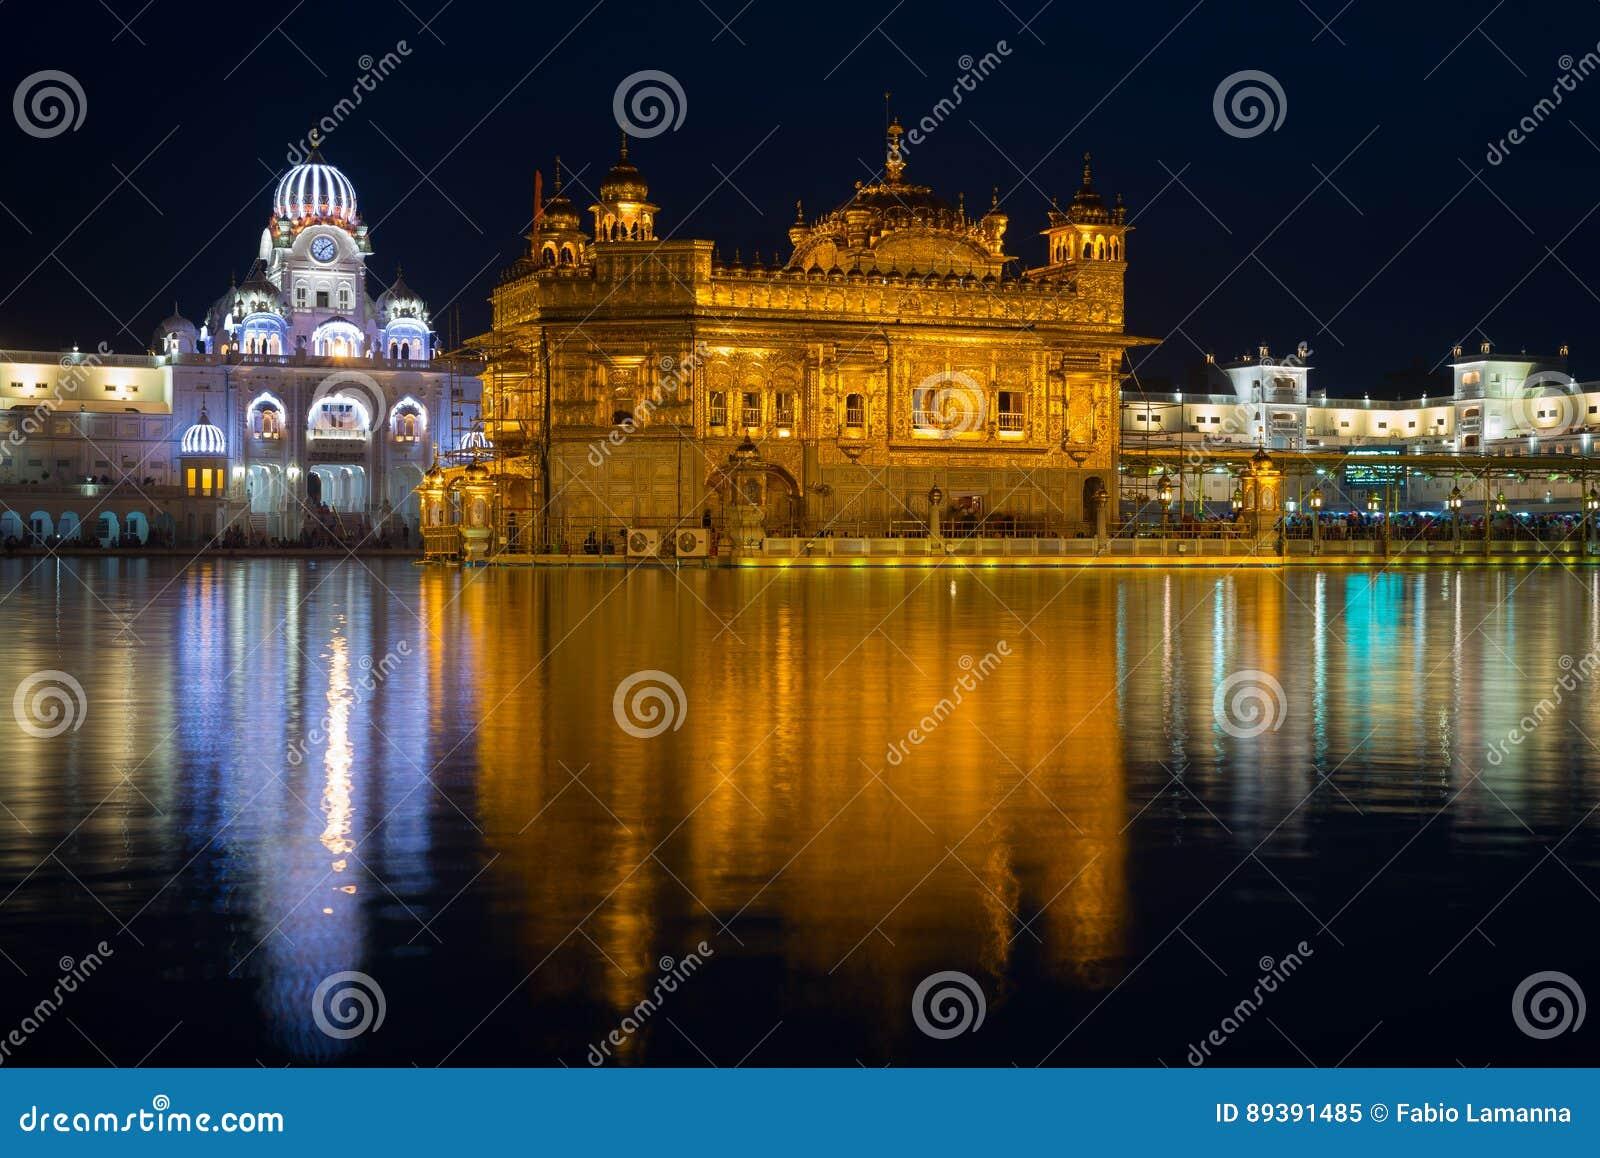 O templo dourado em Amritsar, em Punjab, em Índia, no ícone o mais sagrado e no lugar da adoração da religião sikh Iluminado na n